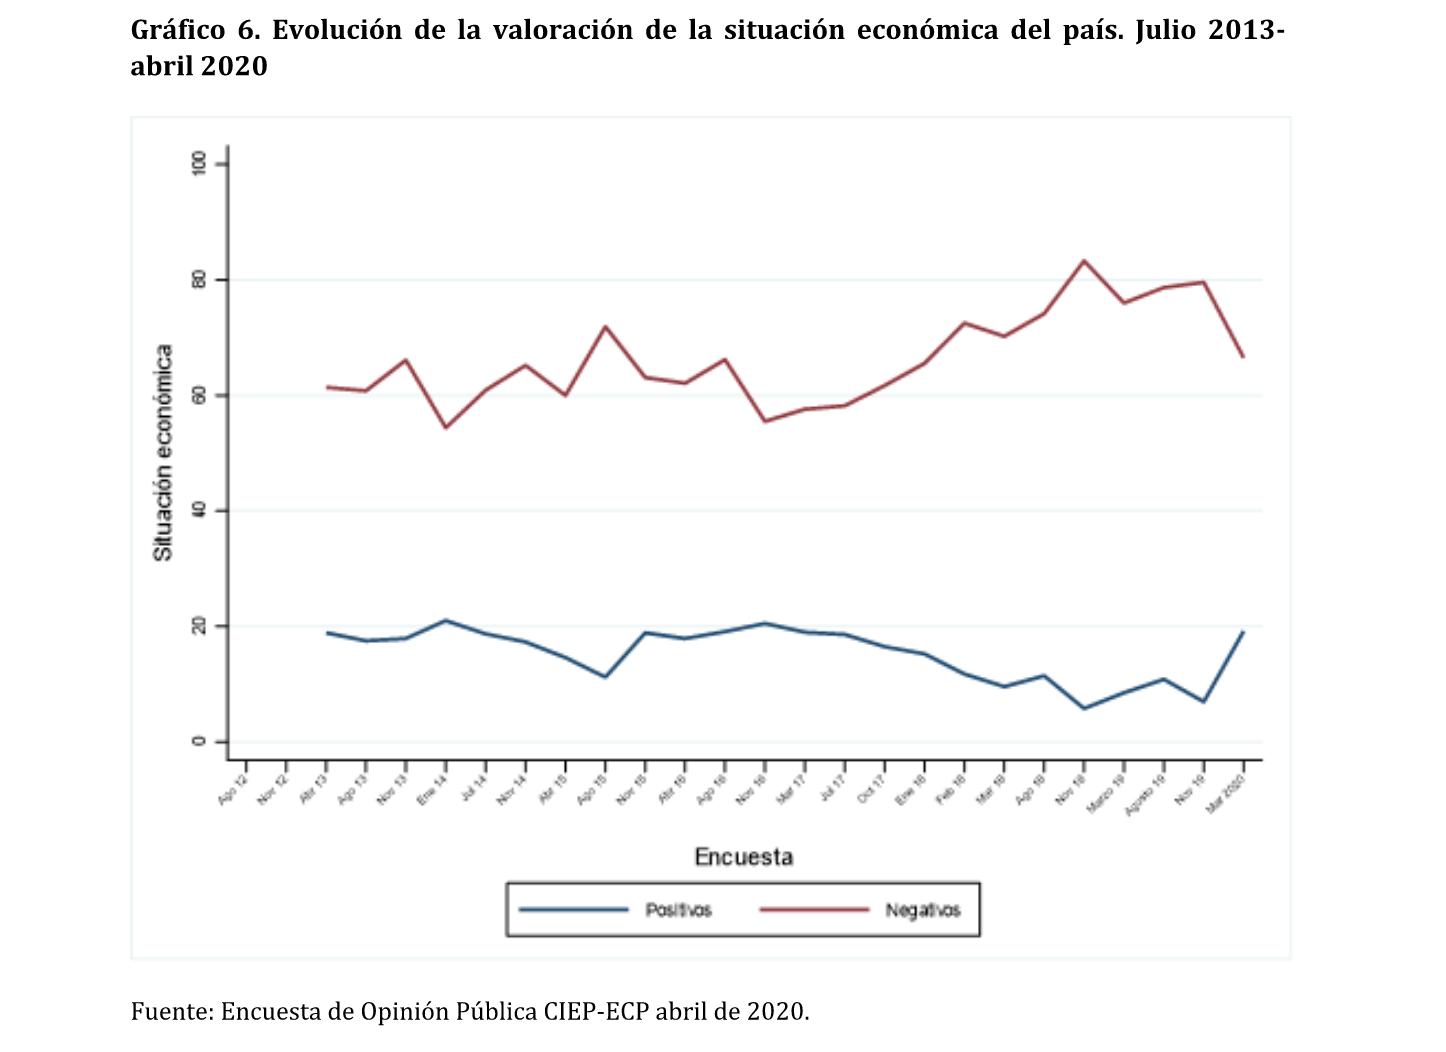 Evolución de la valoración de la situación económica del país. Julio 2013- abril 2020